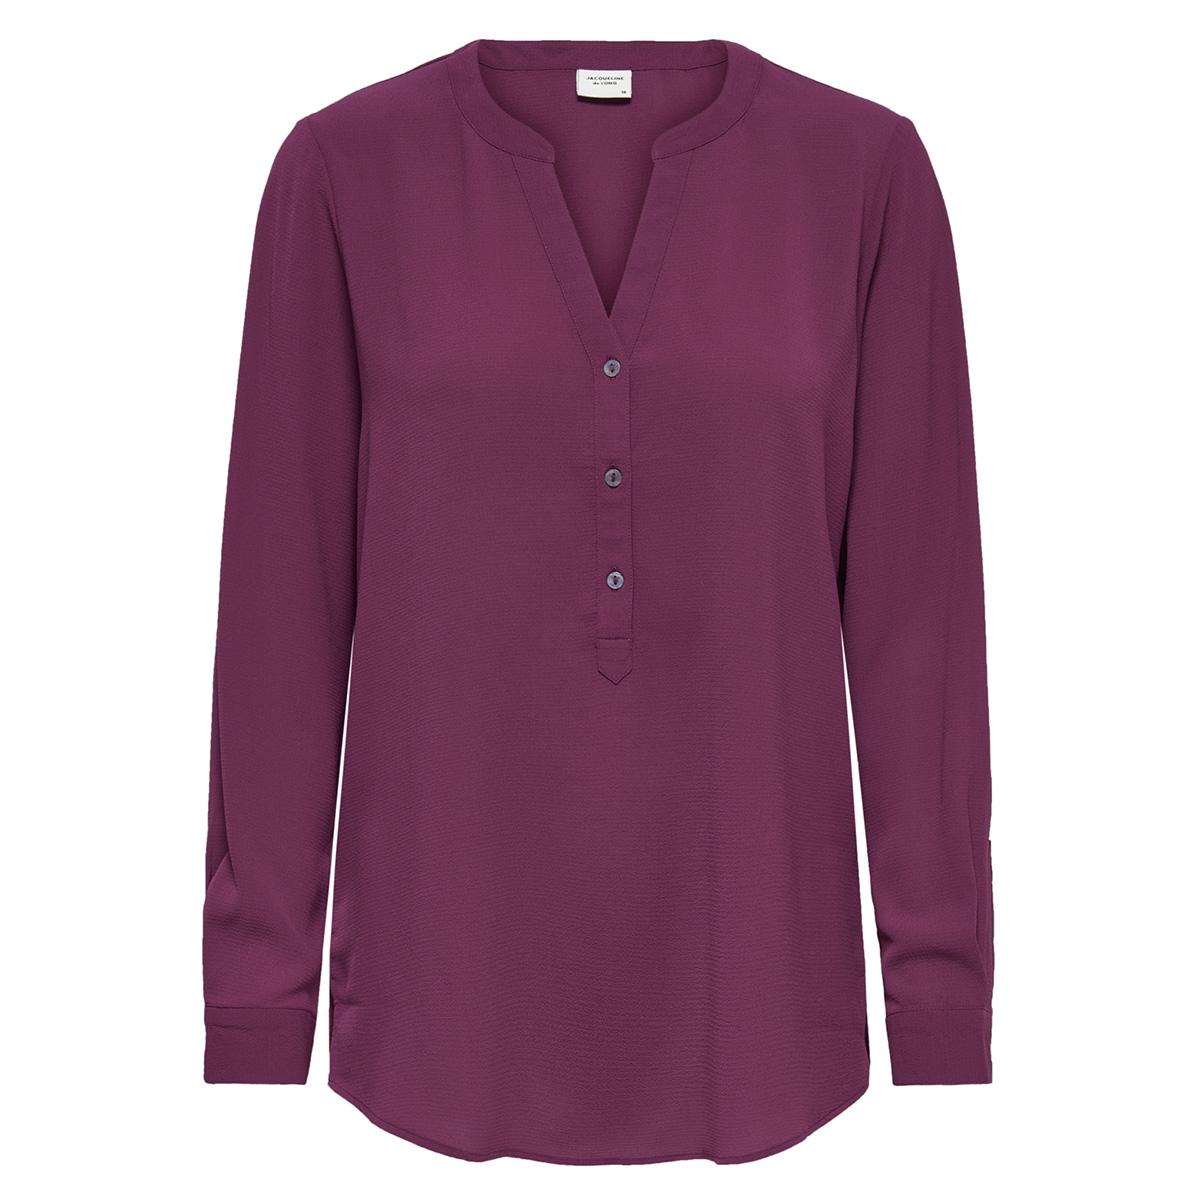 jdytrack l/s blouse wvn noos 15149951 jacqueline de yong blouse red plum